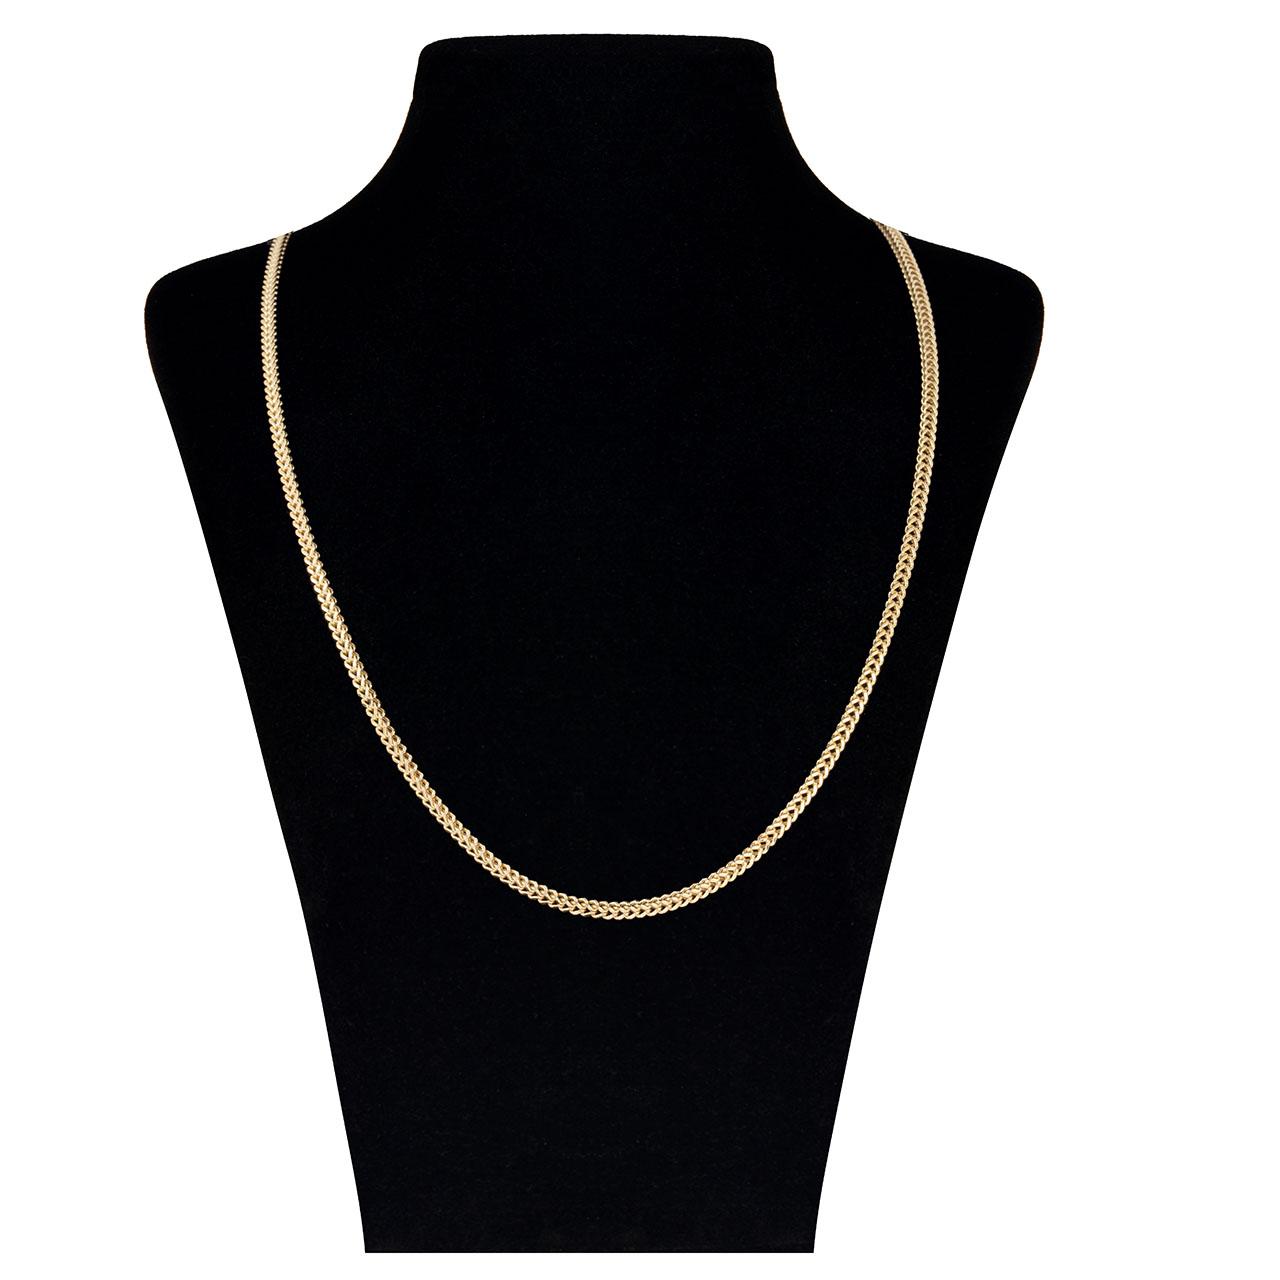 زنجیر طلا 18 عیار گوی گالری مدل G61